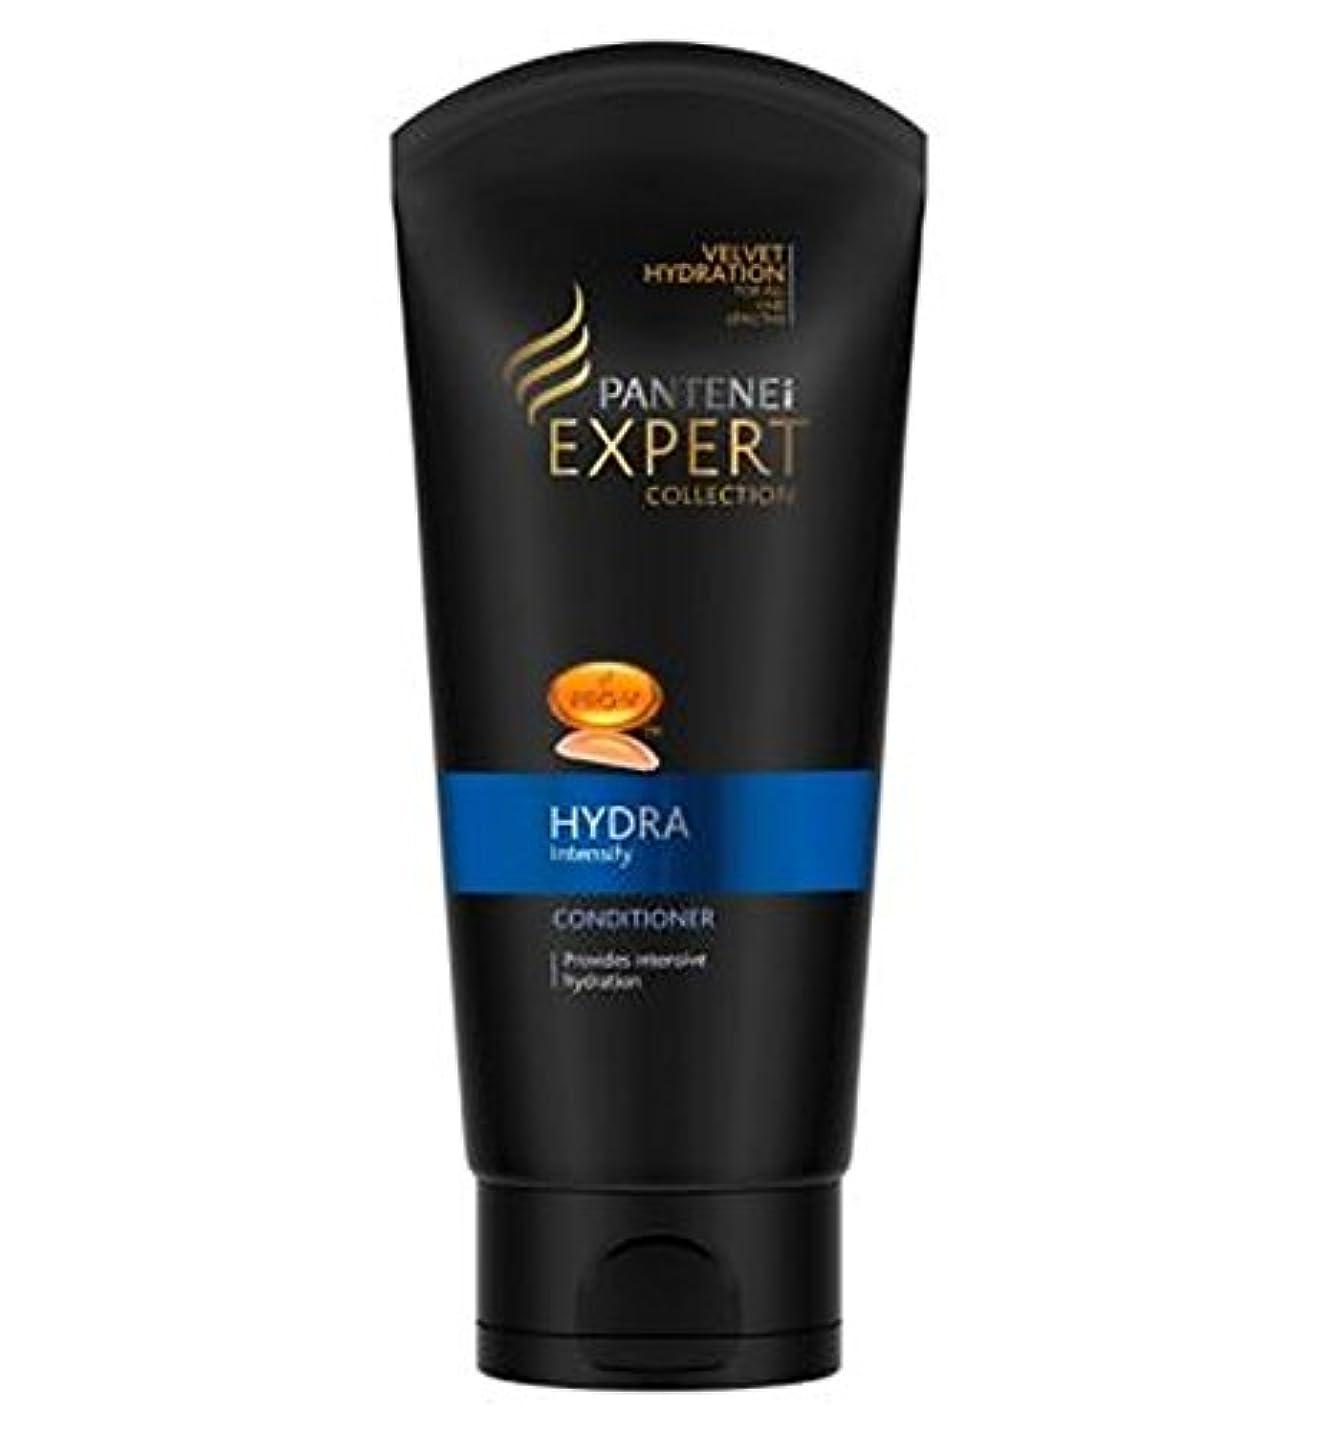 気楽な子犬小康Pantene Expert Collection Conditioner Hydra Intensify for dry hair 200ml - パンテーン専門家のコレクションコンディショナーヒドラは、乾いた髪の200...